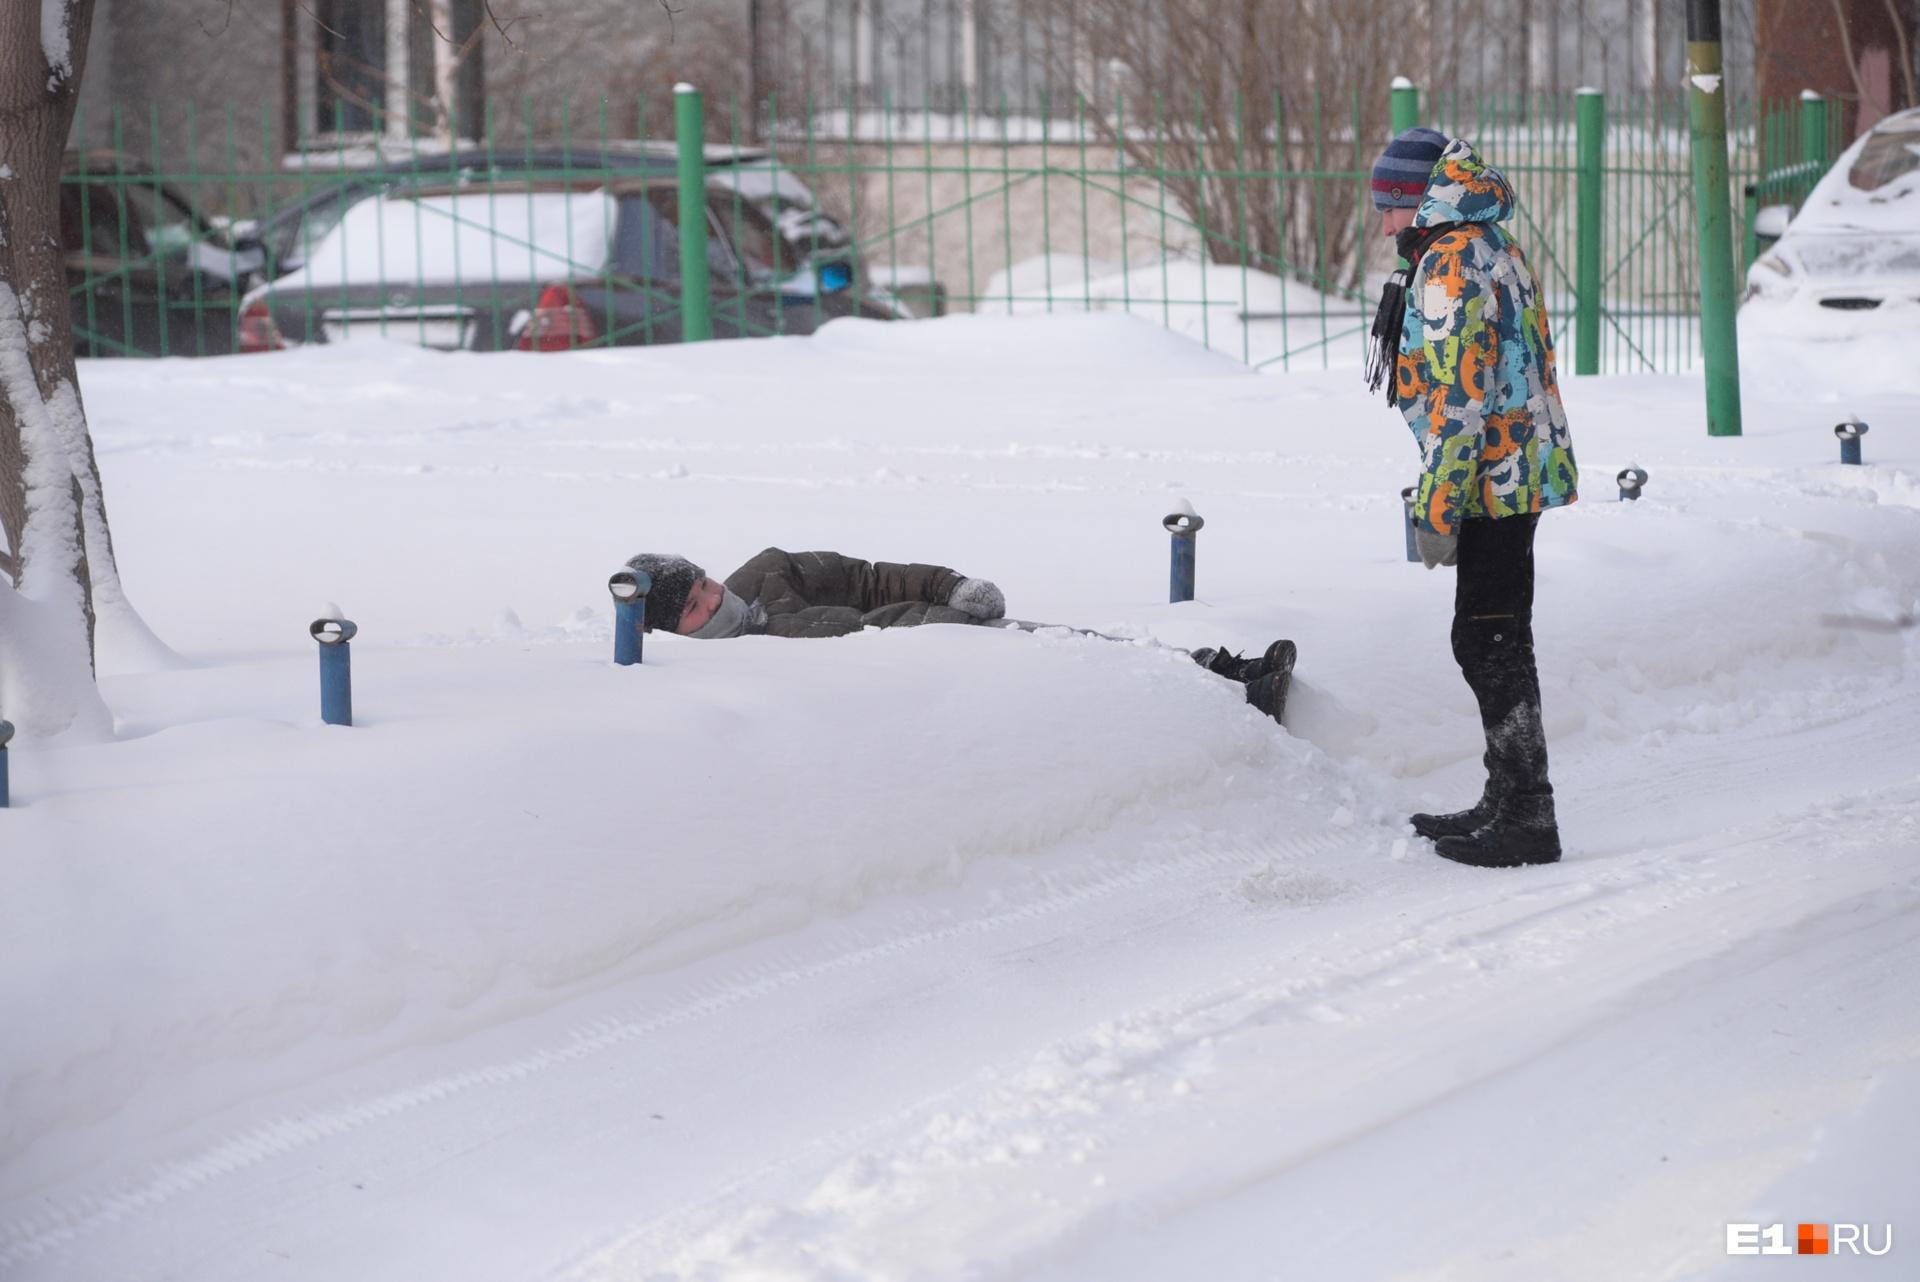 И все-таки в снегопадах есть своя прелесть, правда?